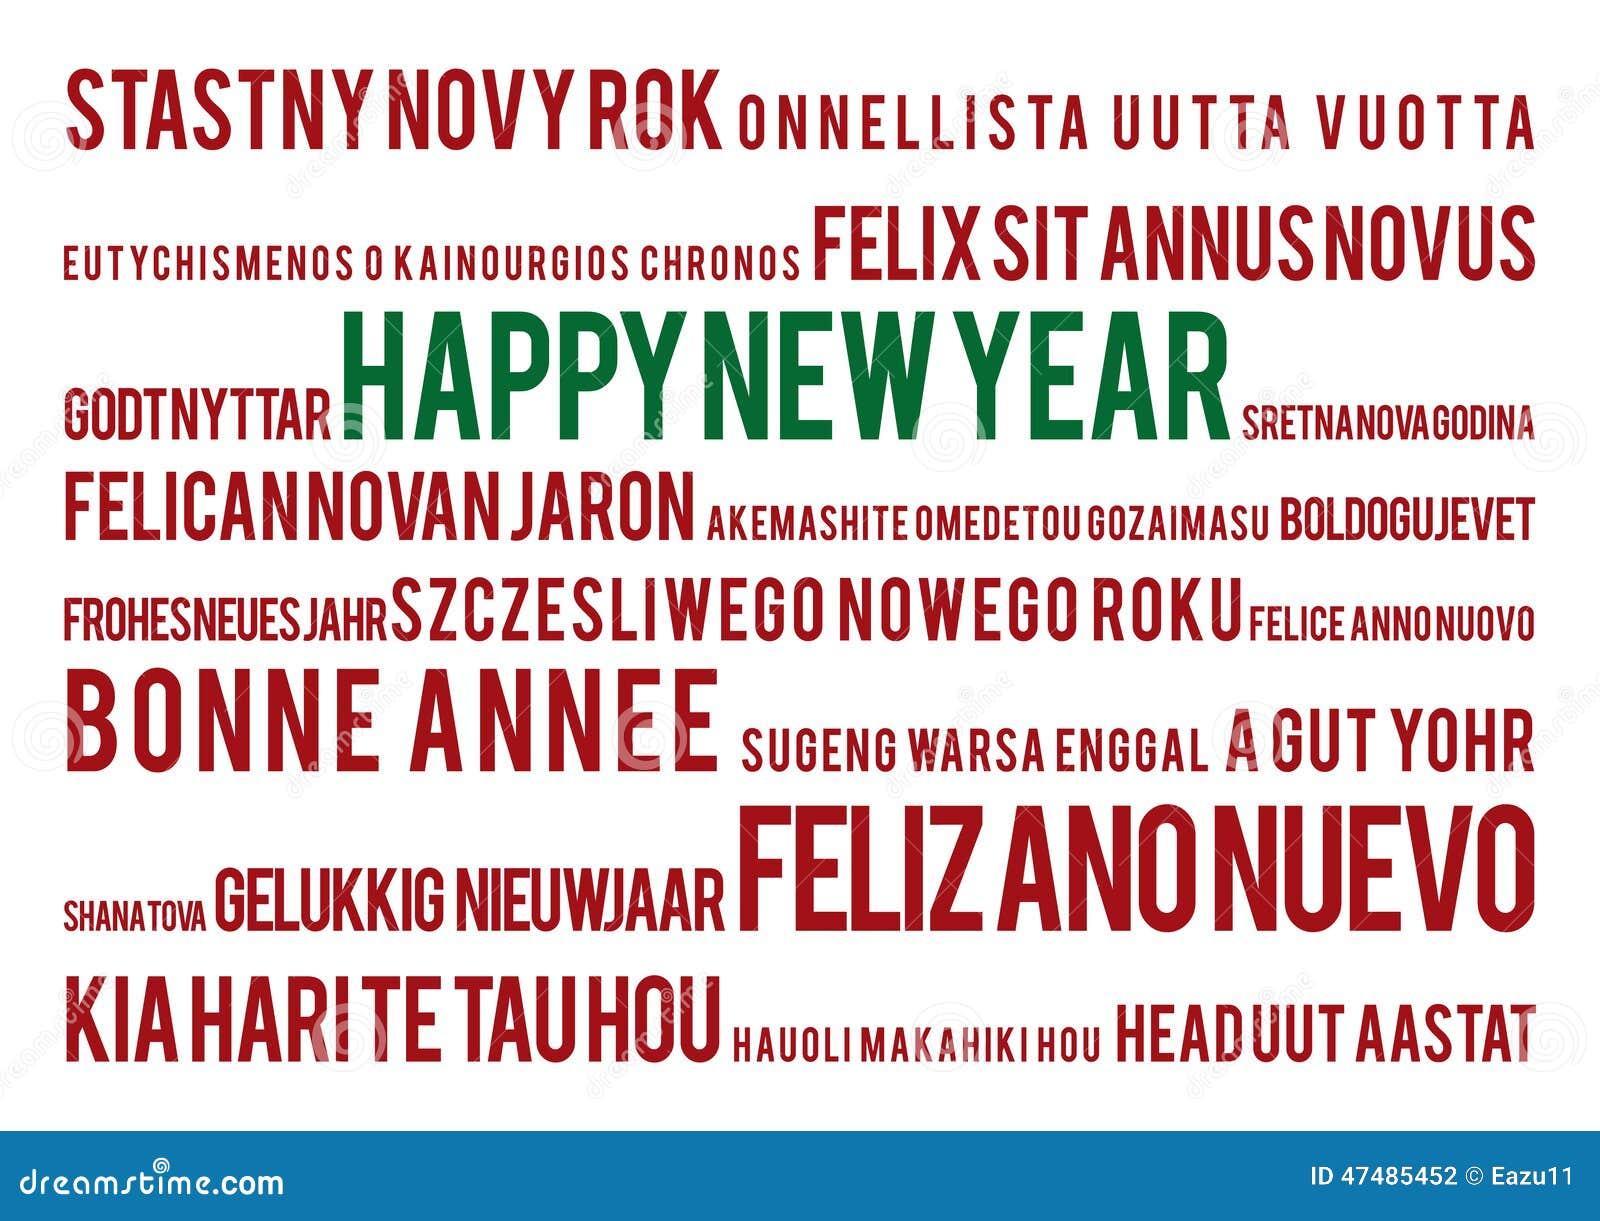 Bonne ann e dans 22 langues du monde illustration stock - Bonne annee dans toutes les langues ...